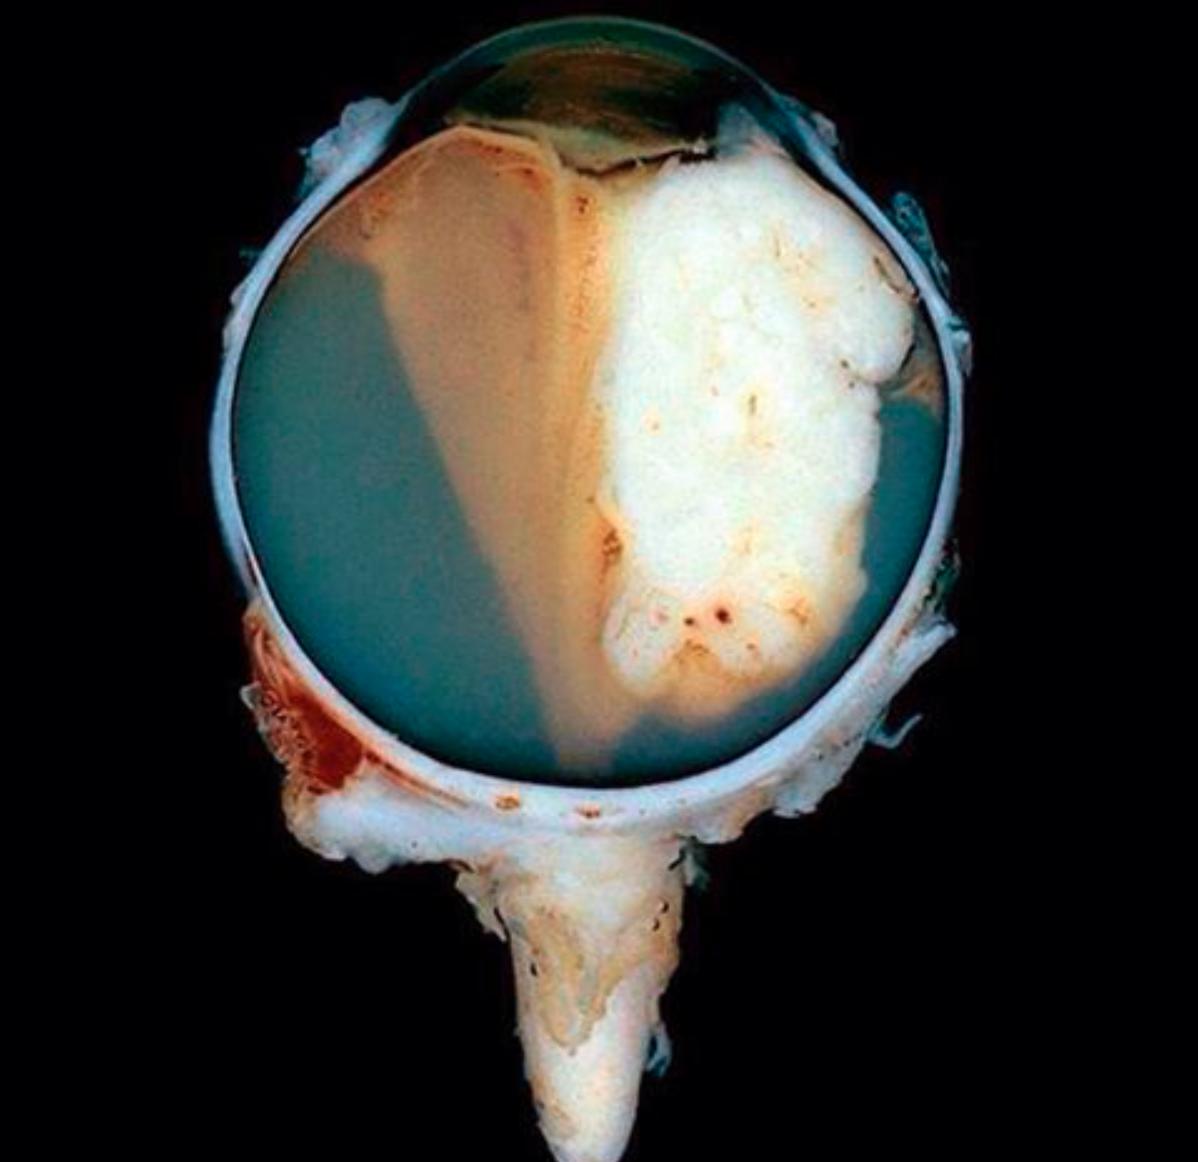 tumor - j.gardner pathology